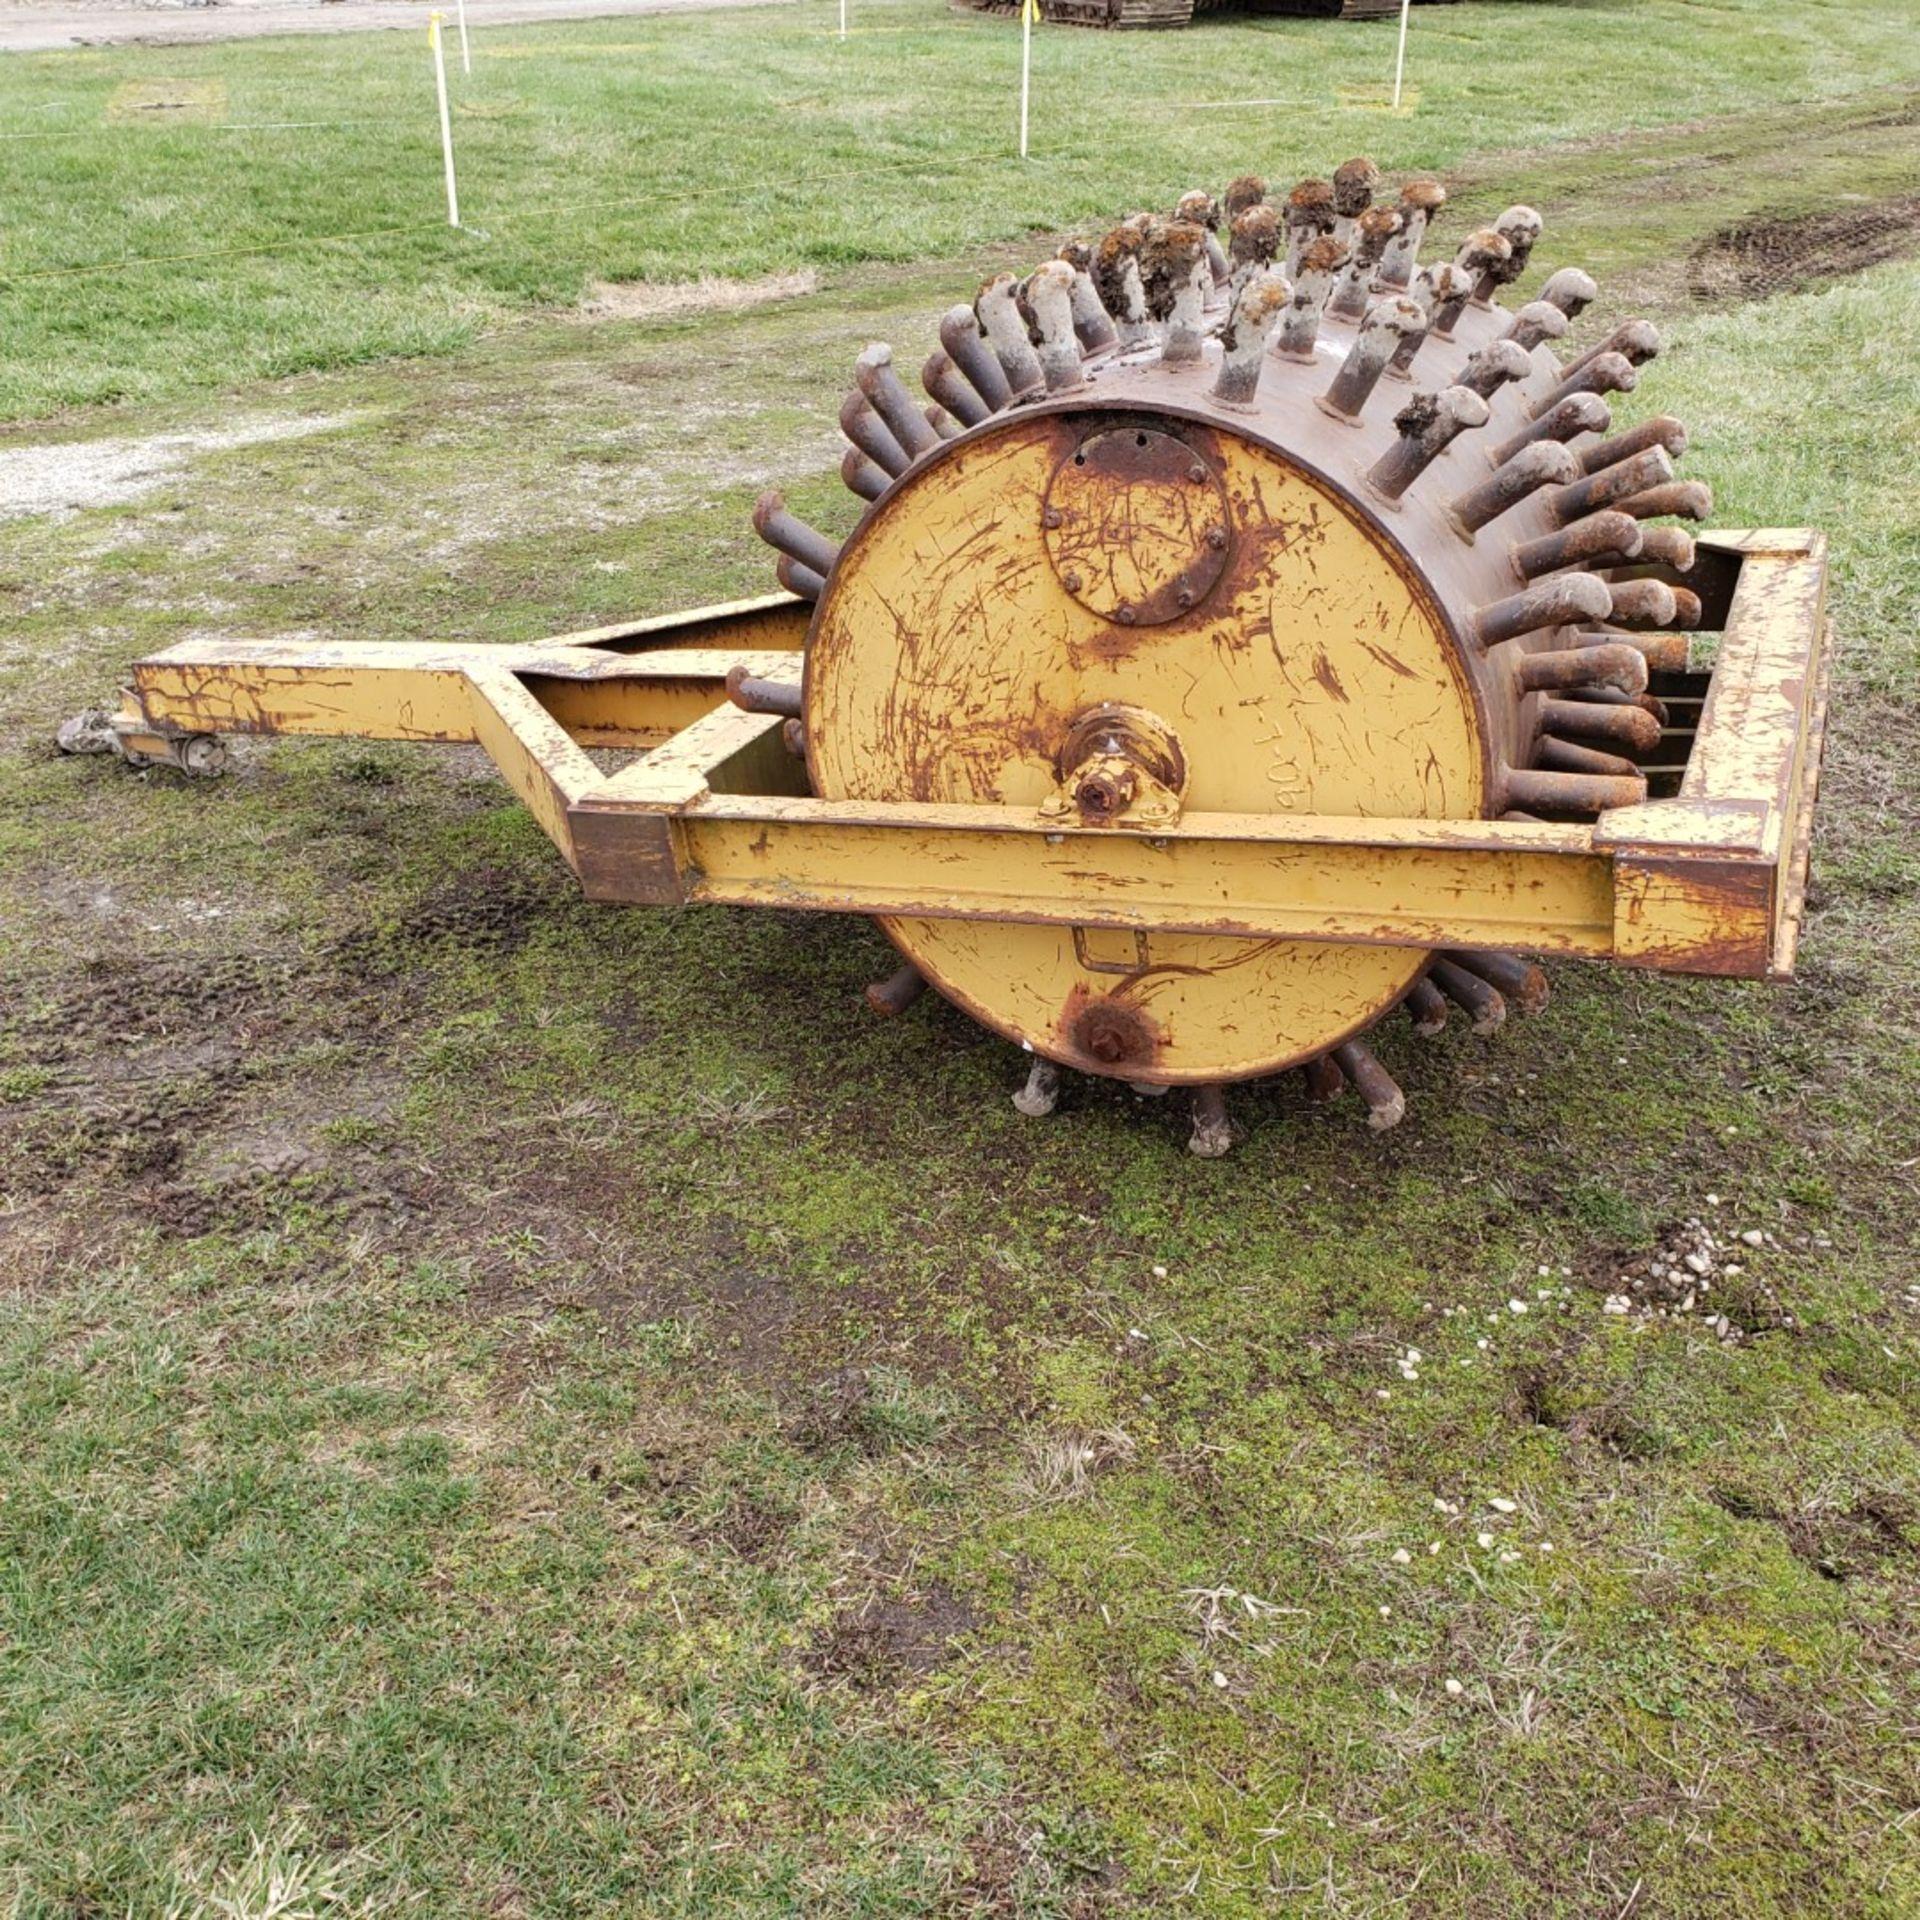 Lot 4 - 48-inch Pull Behind Sheepsfoot Roller, 40 in Diameter